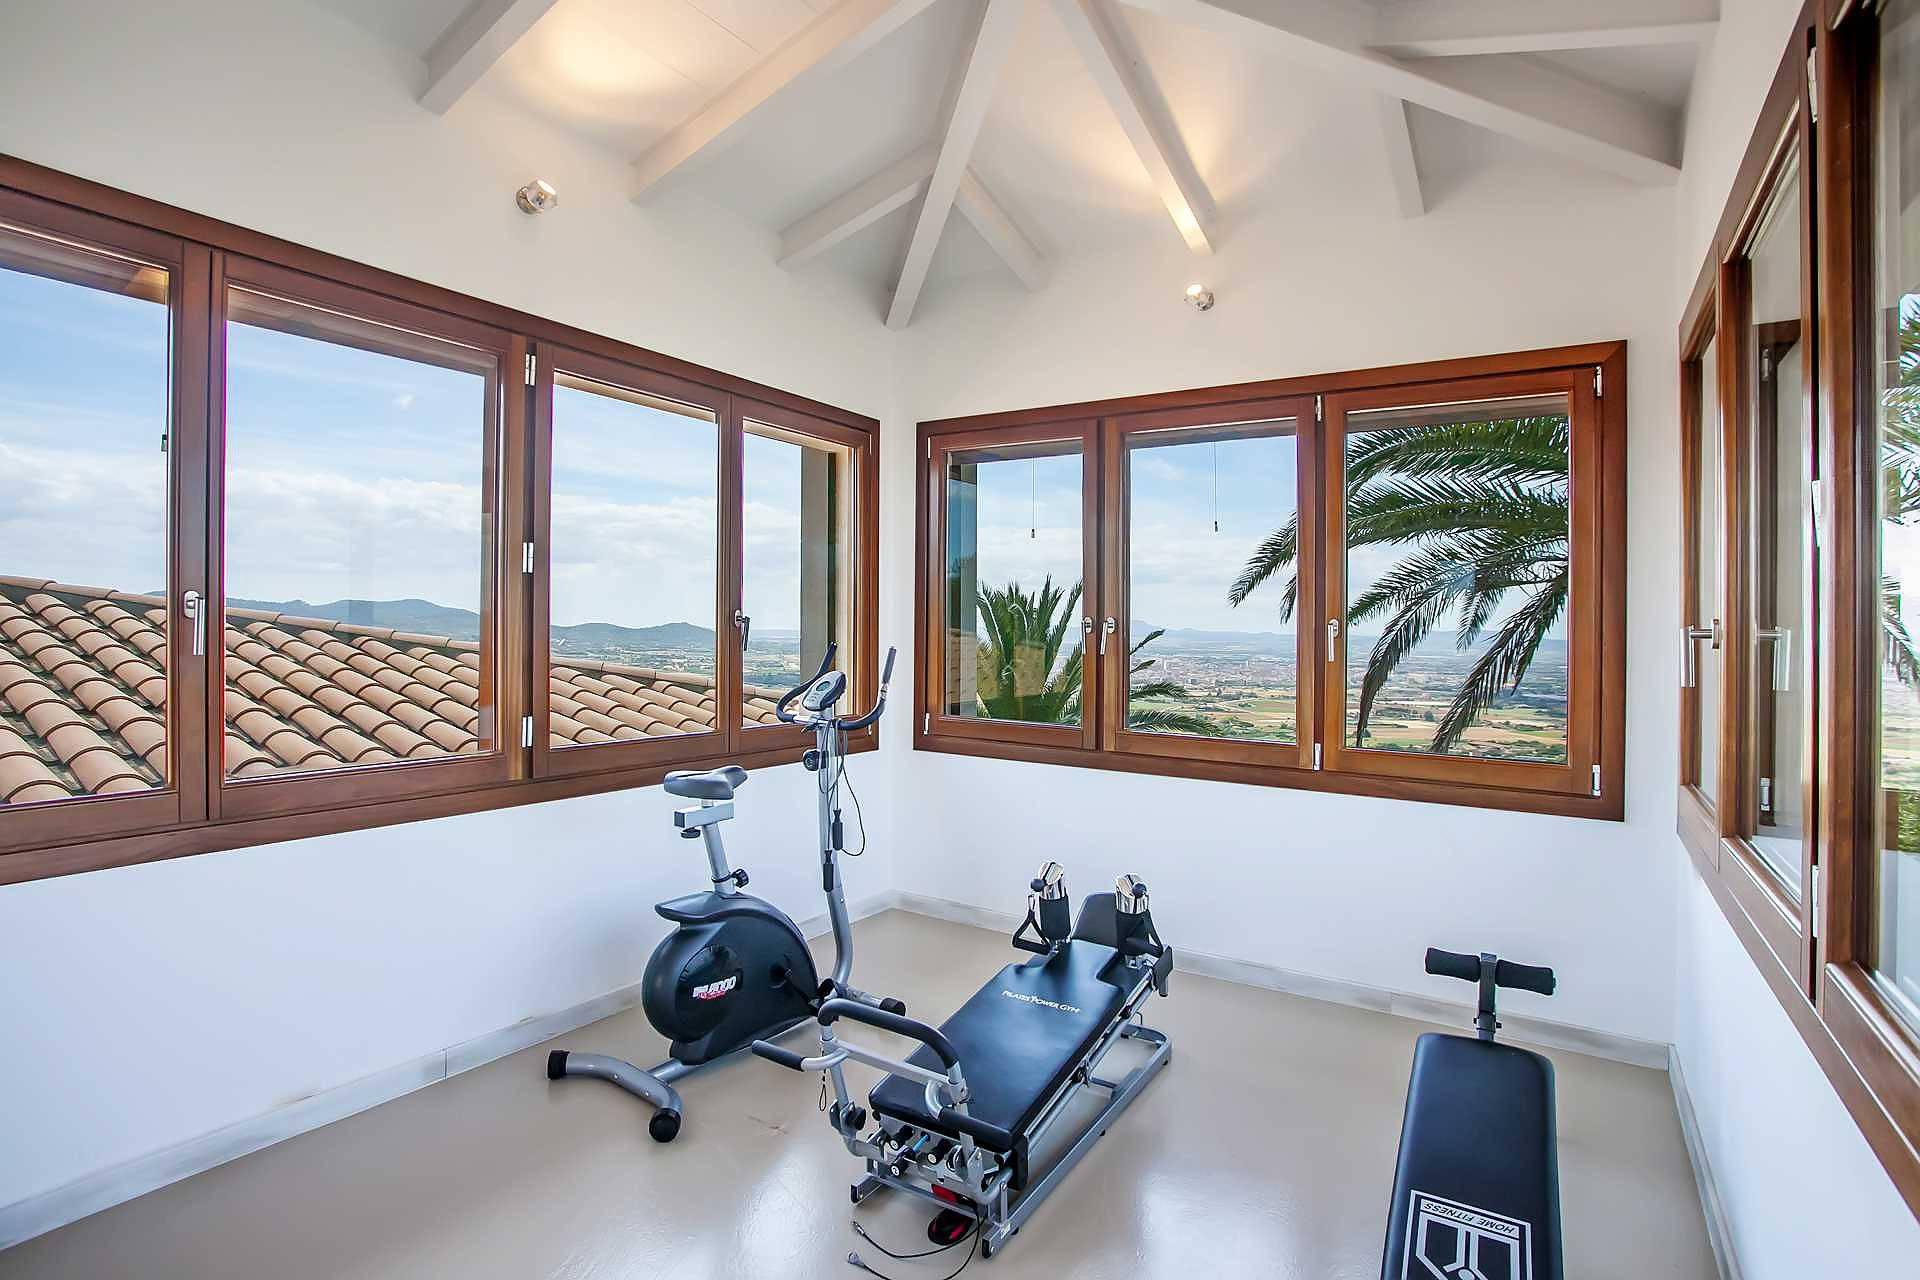 01-109 Design Finca Mallorca Osten Bild 37